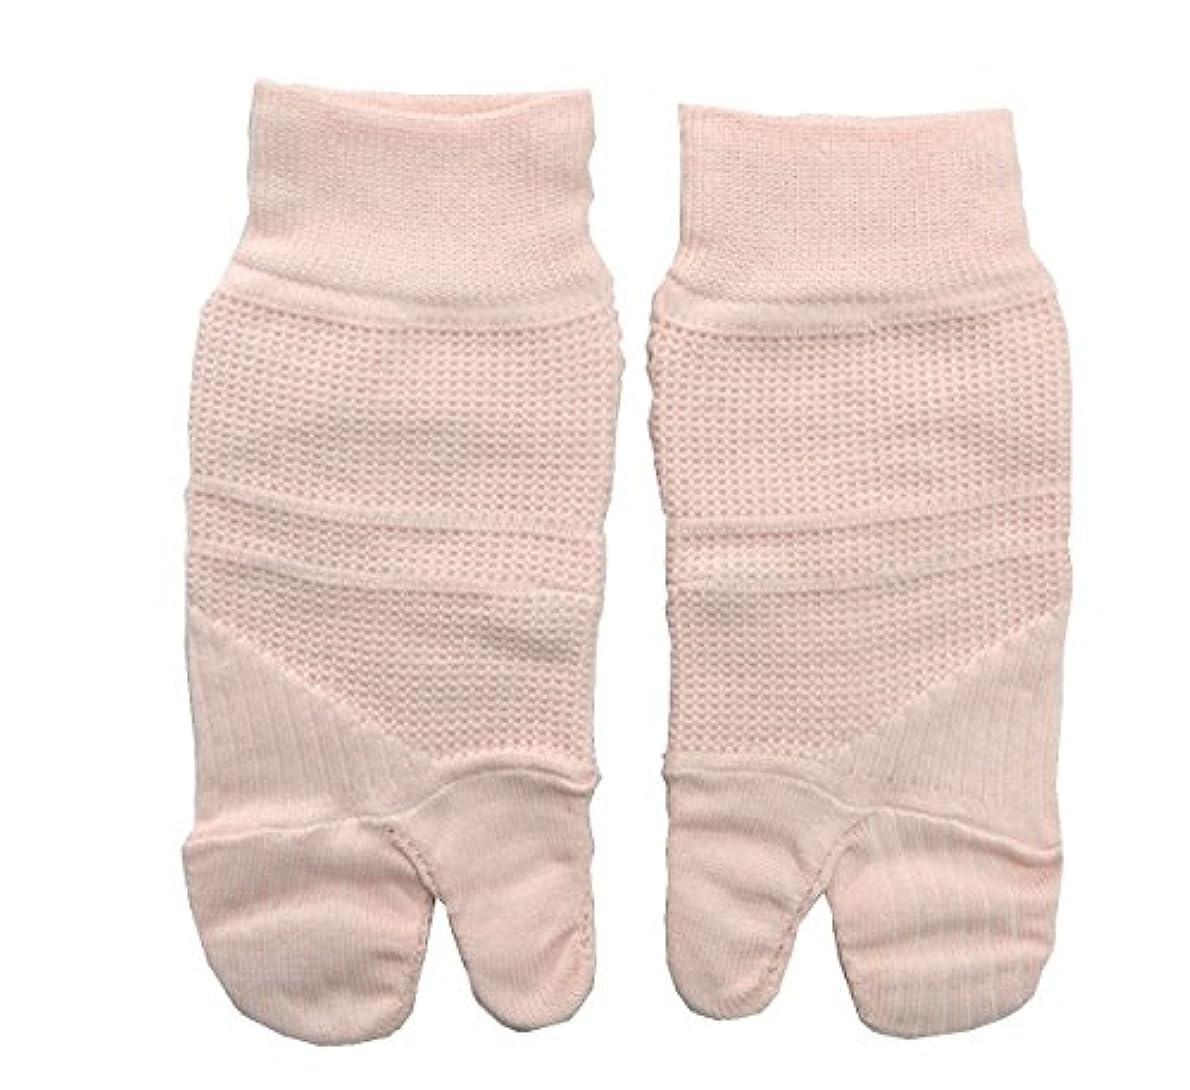 砂利儀式宙返り外反母趾対策靴下(通常タイプ) コーポレーションパールスター?広島大学大学院特許製品